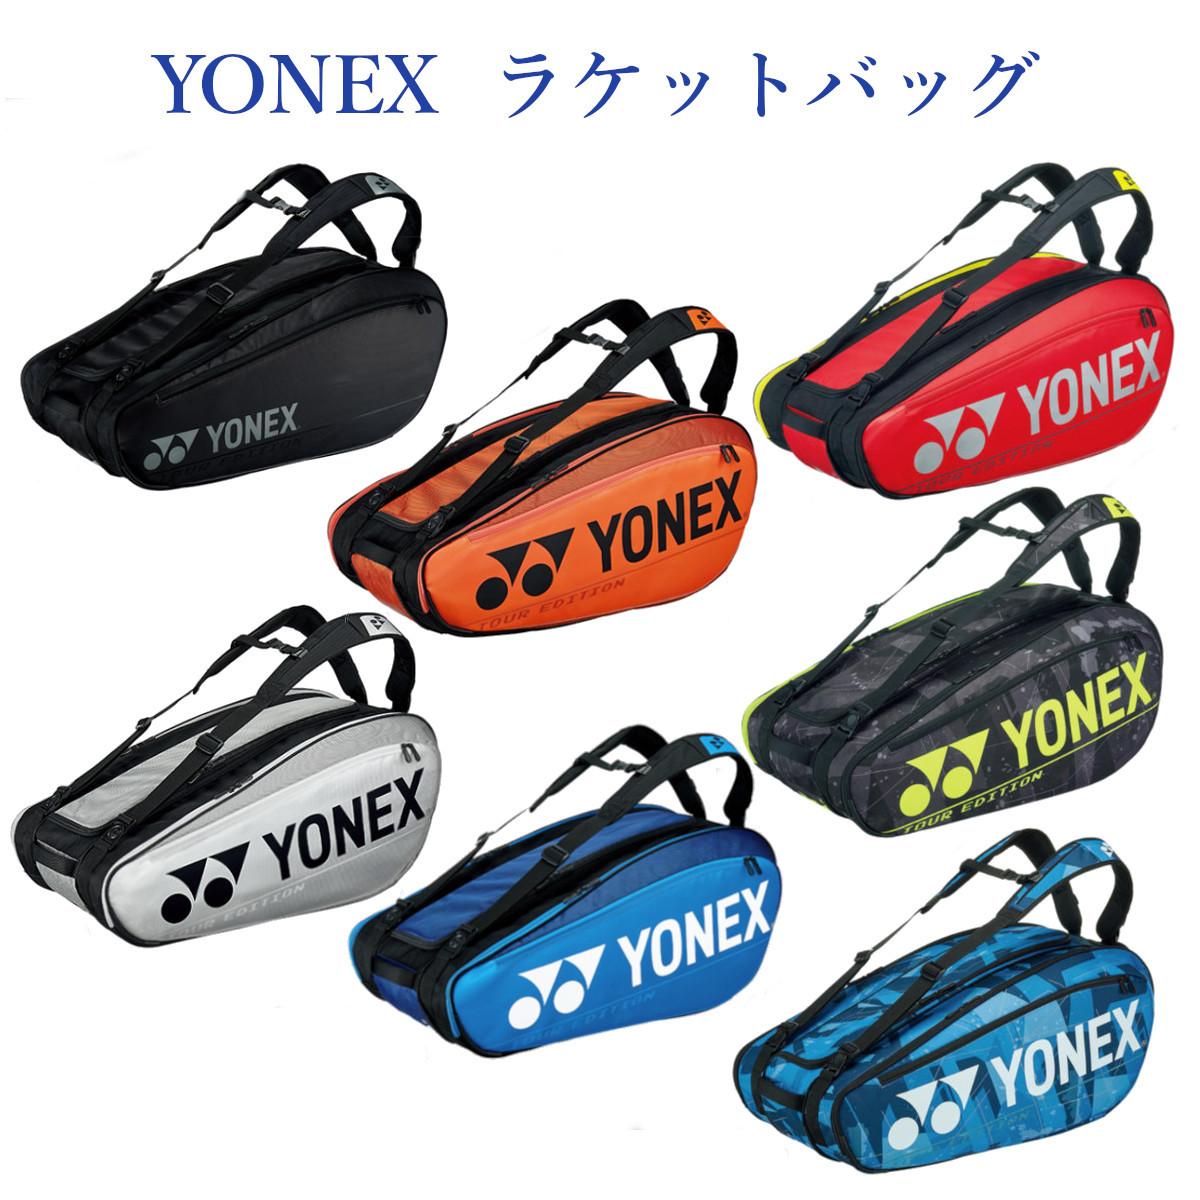 誕生日プレゼント お気に入り YONEX PRO SERIES リュック バッグ ラケット収納 送料無料 ヨネックス ソフトテニス ラケットバッグ9 BAG2002N 2019AW テニス テニス9本用 バドミントン